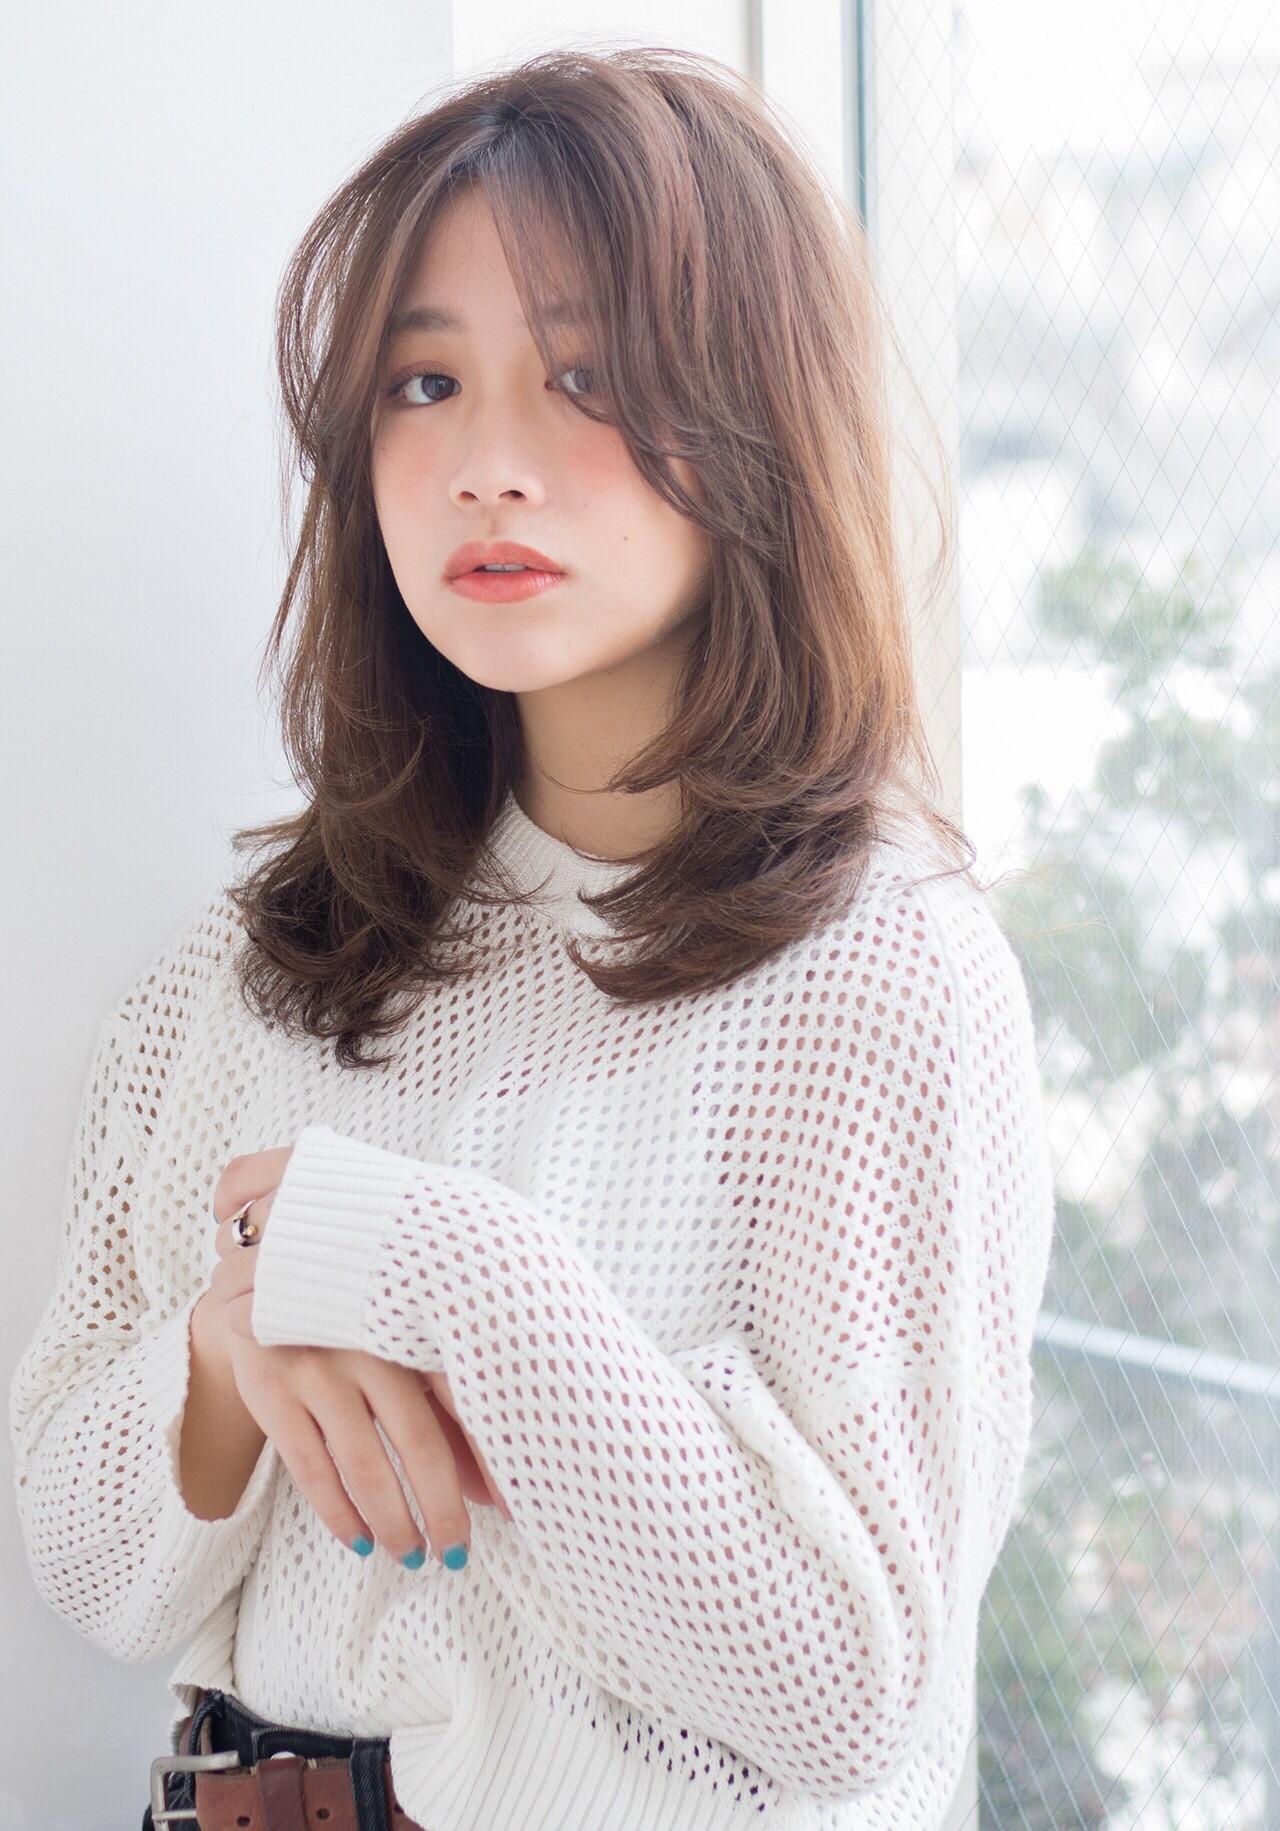 セミロング センターパート ナチュラルブラウンカラー うざバング ヘアスタイルや髪型の写真・画像 | natsuki /